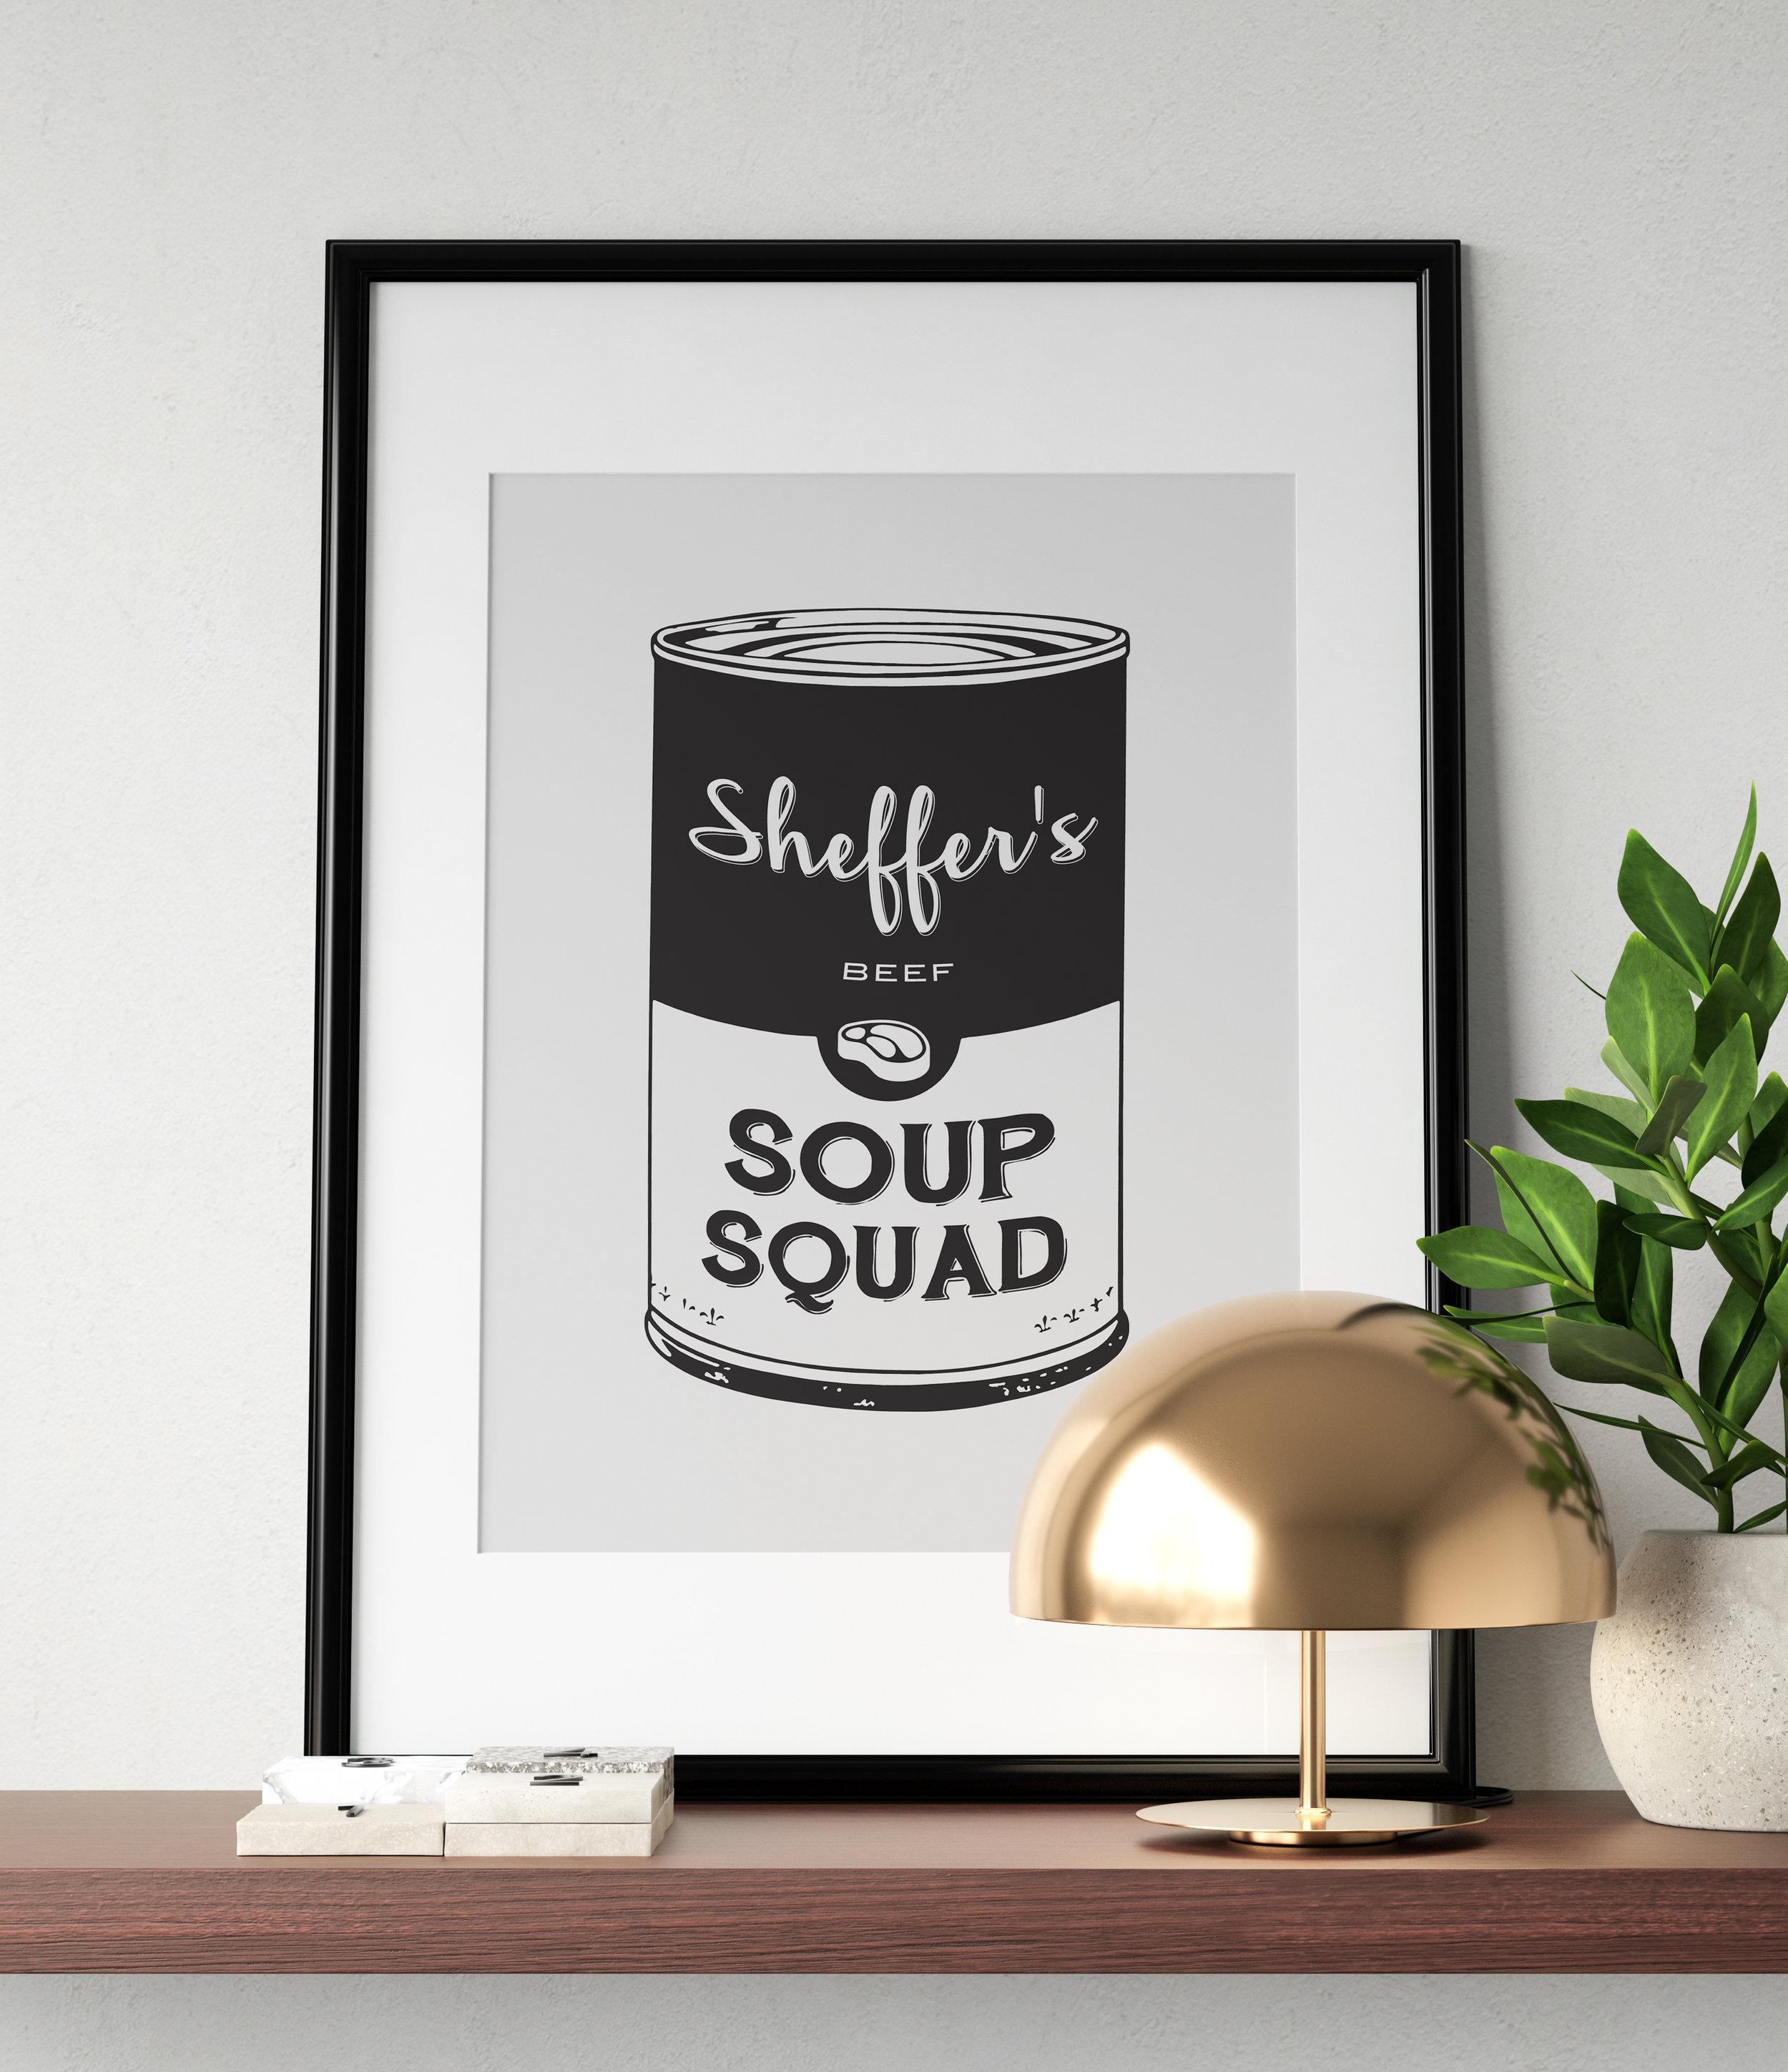 Design made for @SamSheffer